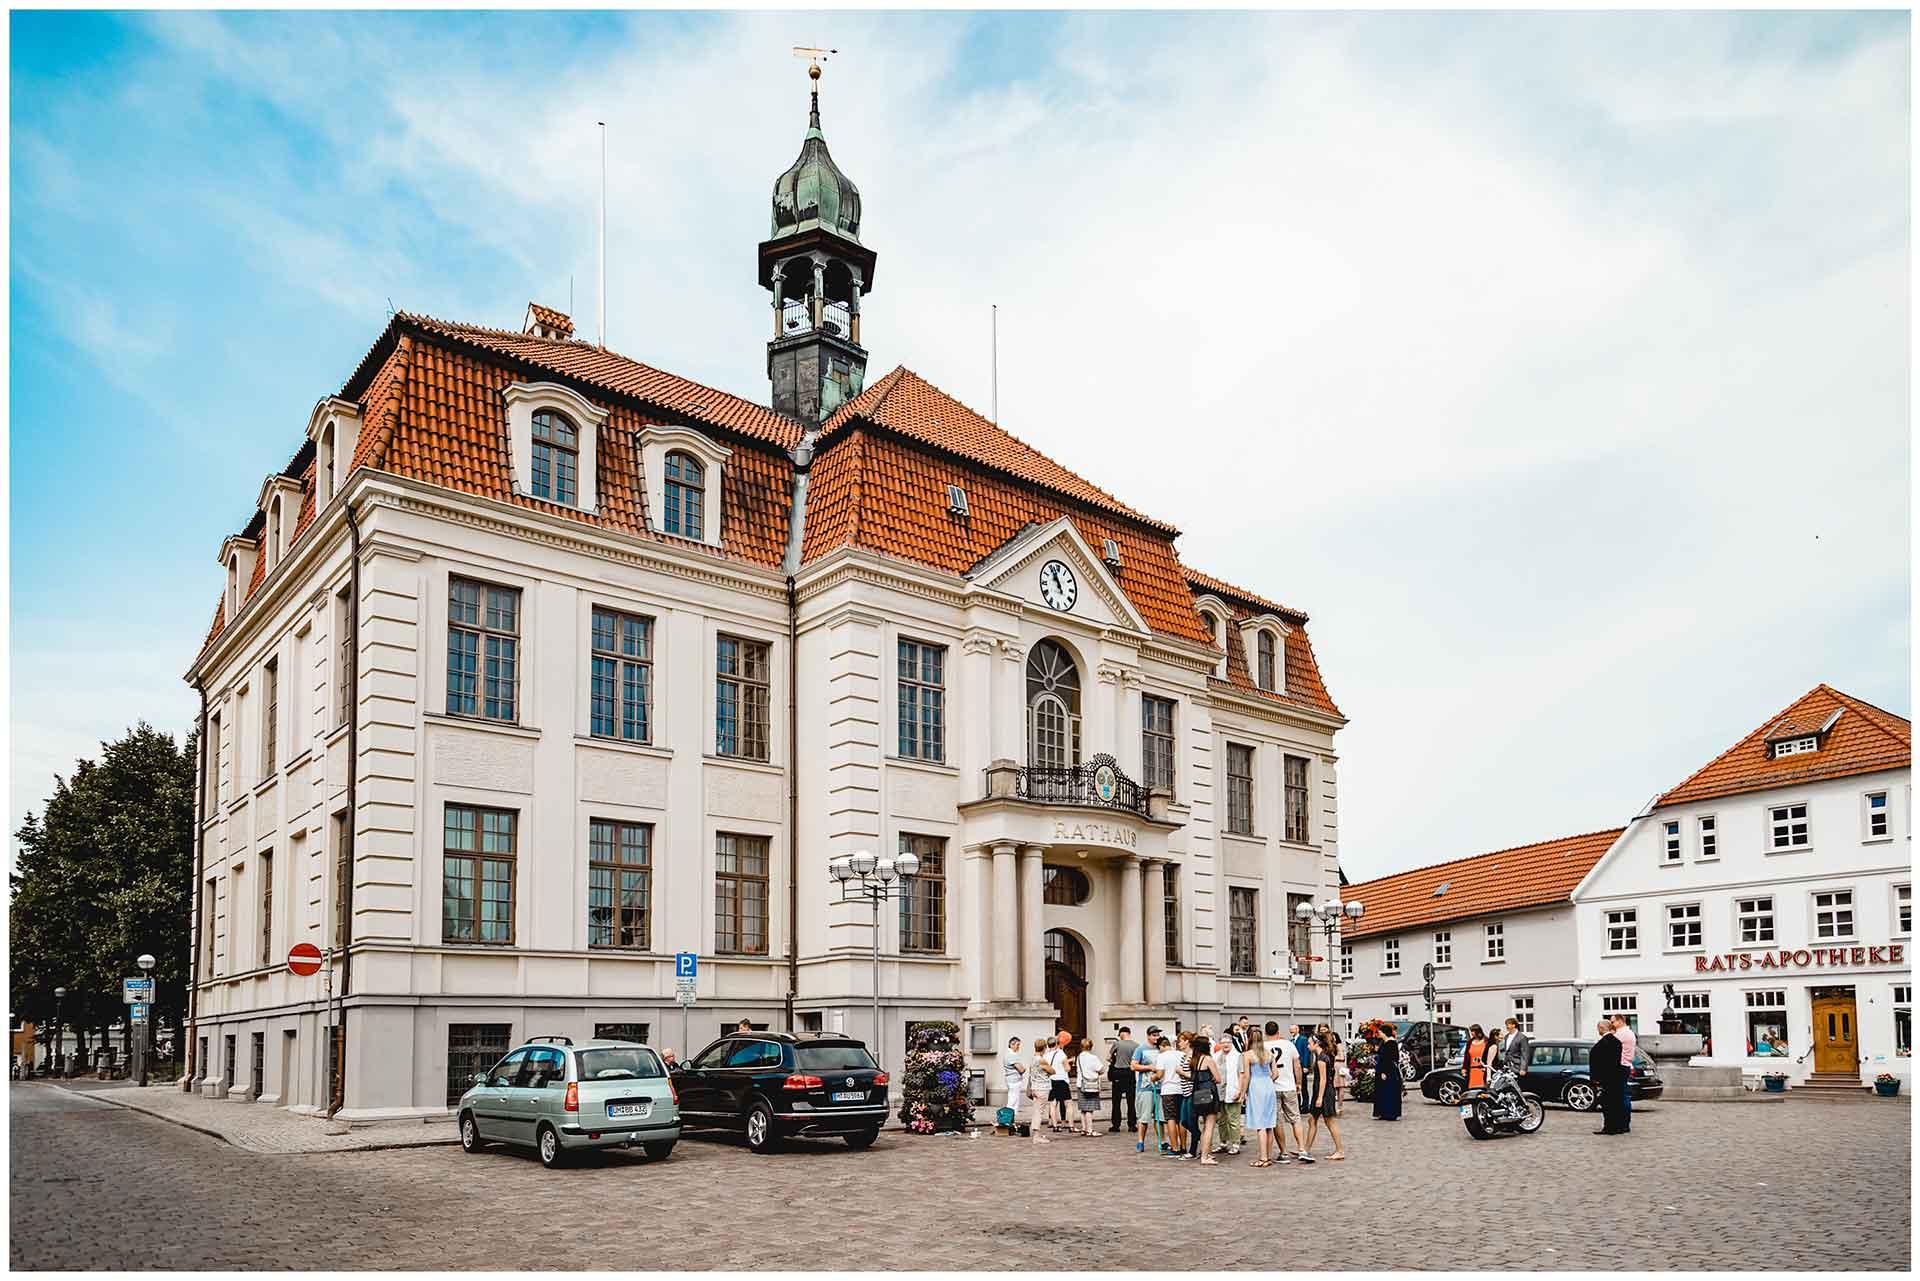 Hochzeitsgäste vor dem Rathaus Teterow - Hochzeitsfotograf in Teterow